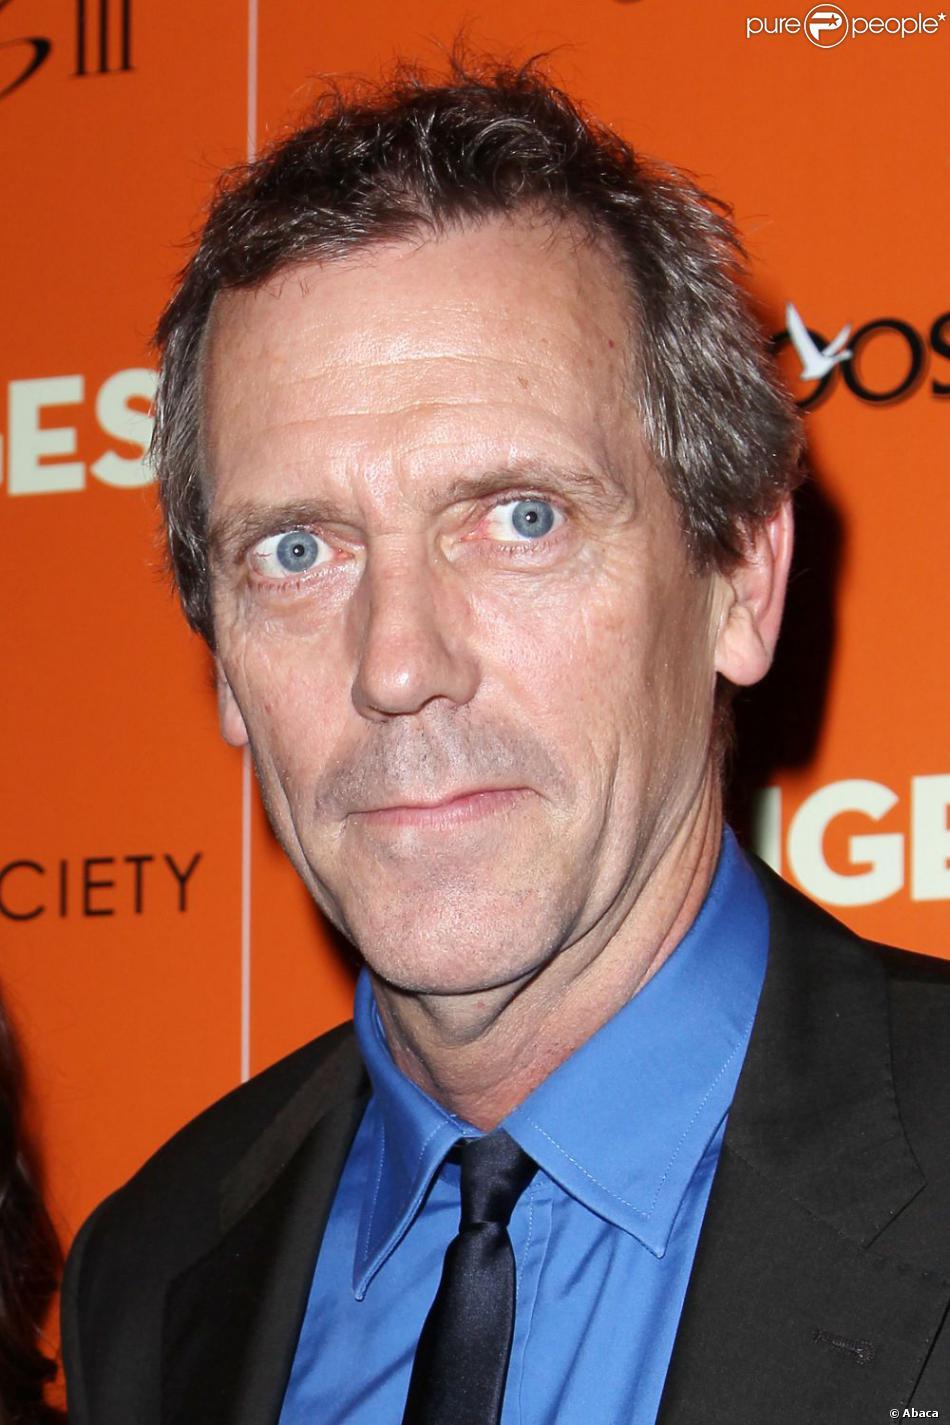 Hugh Laurie : Dr. House bientôt de retour en pirate sur NBC Hugh Laurie 2012